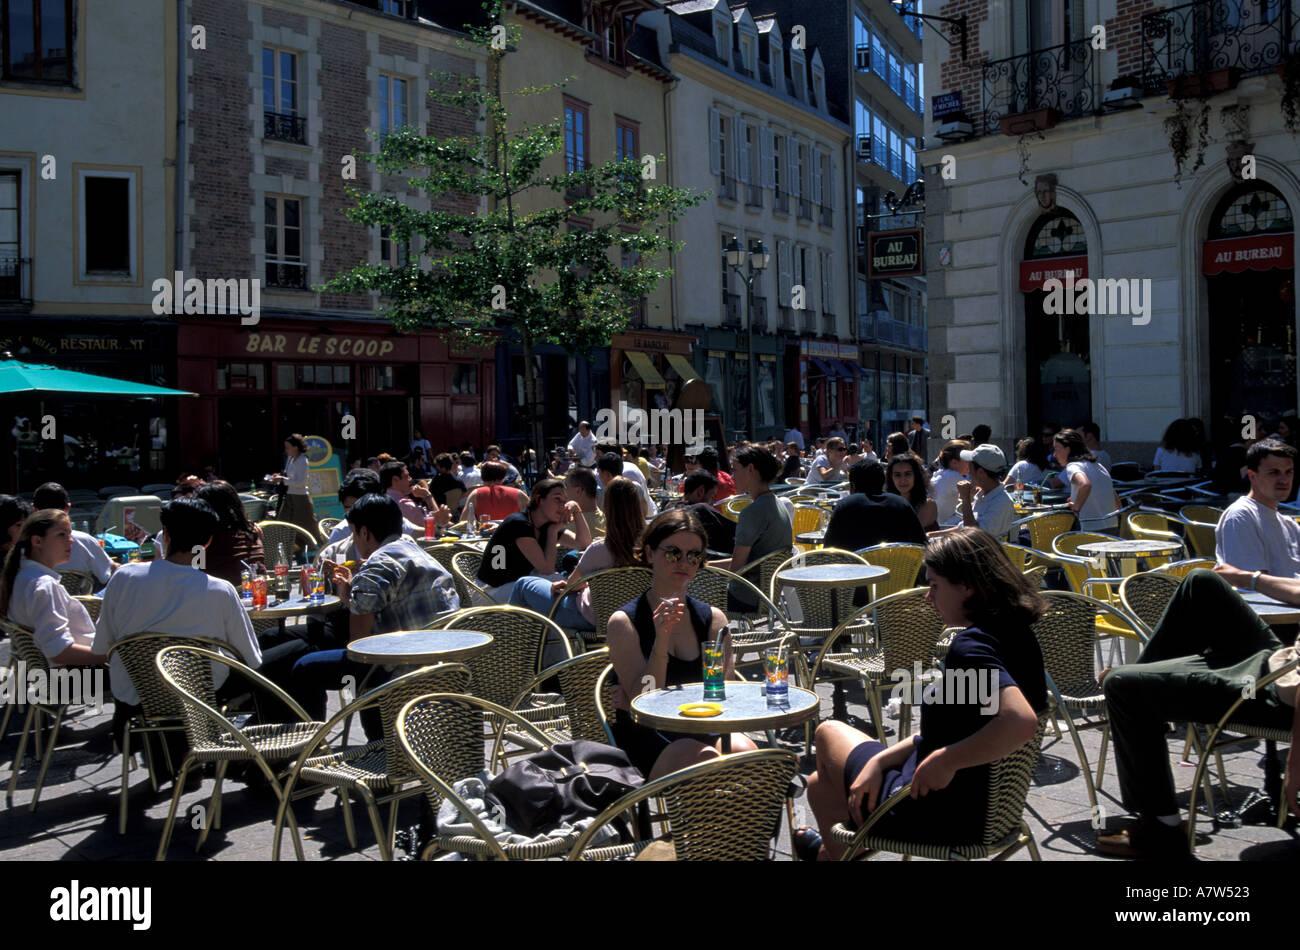 France rennes place saint michel stock photo alamy